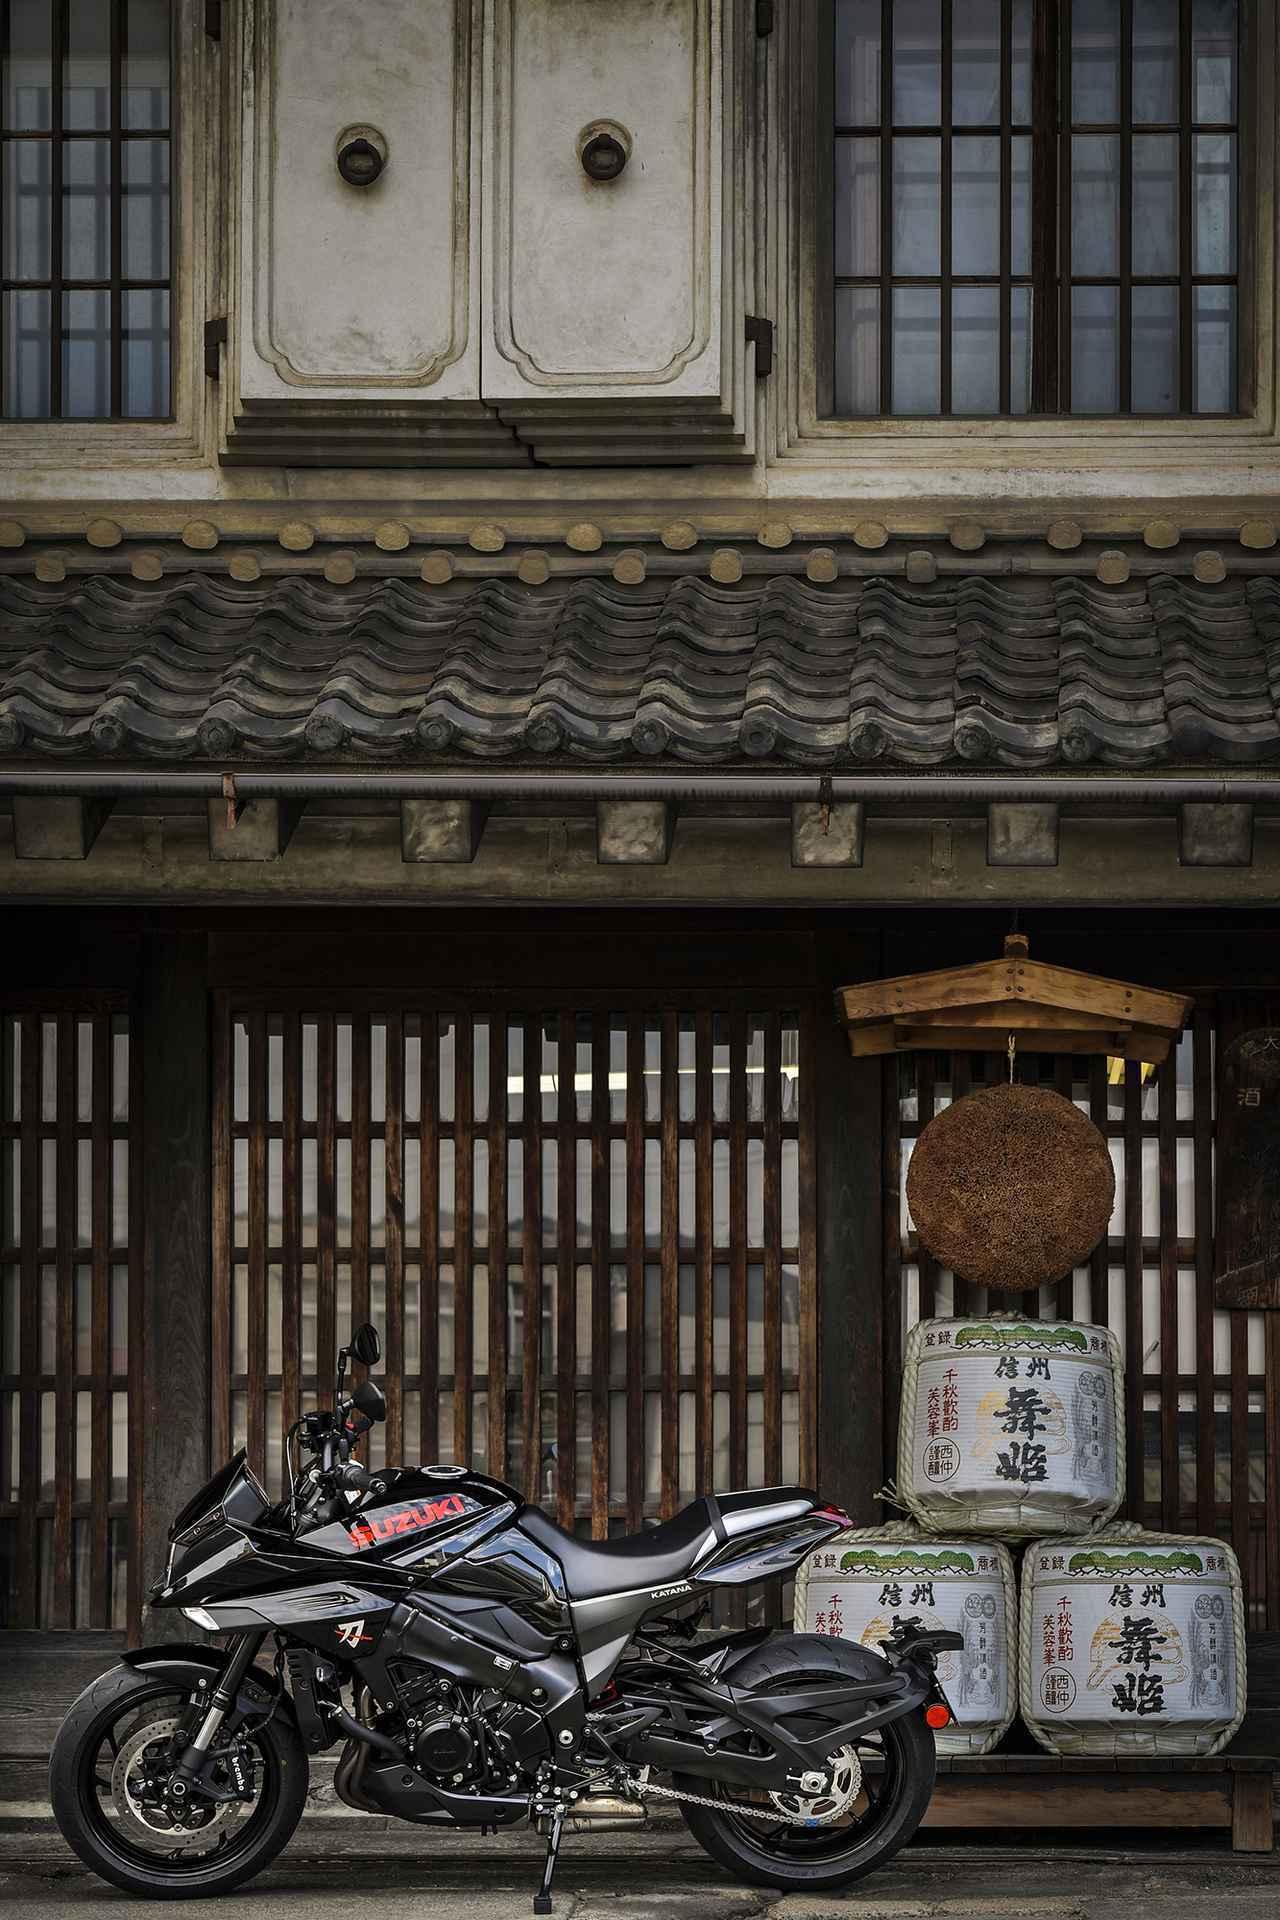 画像1: 高性能な大型バイクだけどスズキの新型『カタナ』の本質はそこじゃない? 燃費や航続距離も測ってみたけれど…… 【SUZUKI KATANA/ツーリングインプレ後編】